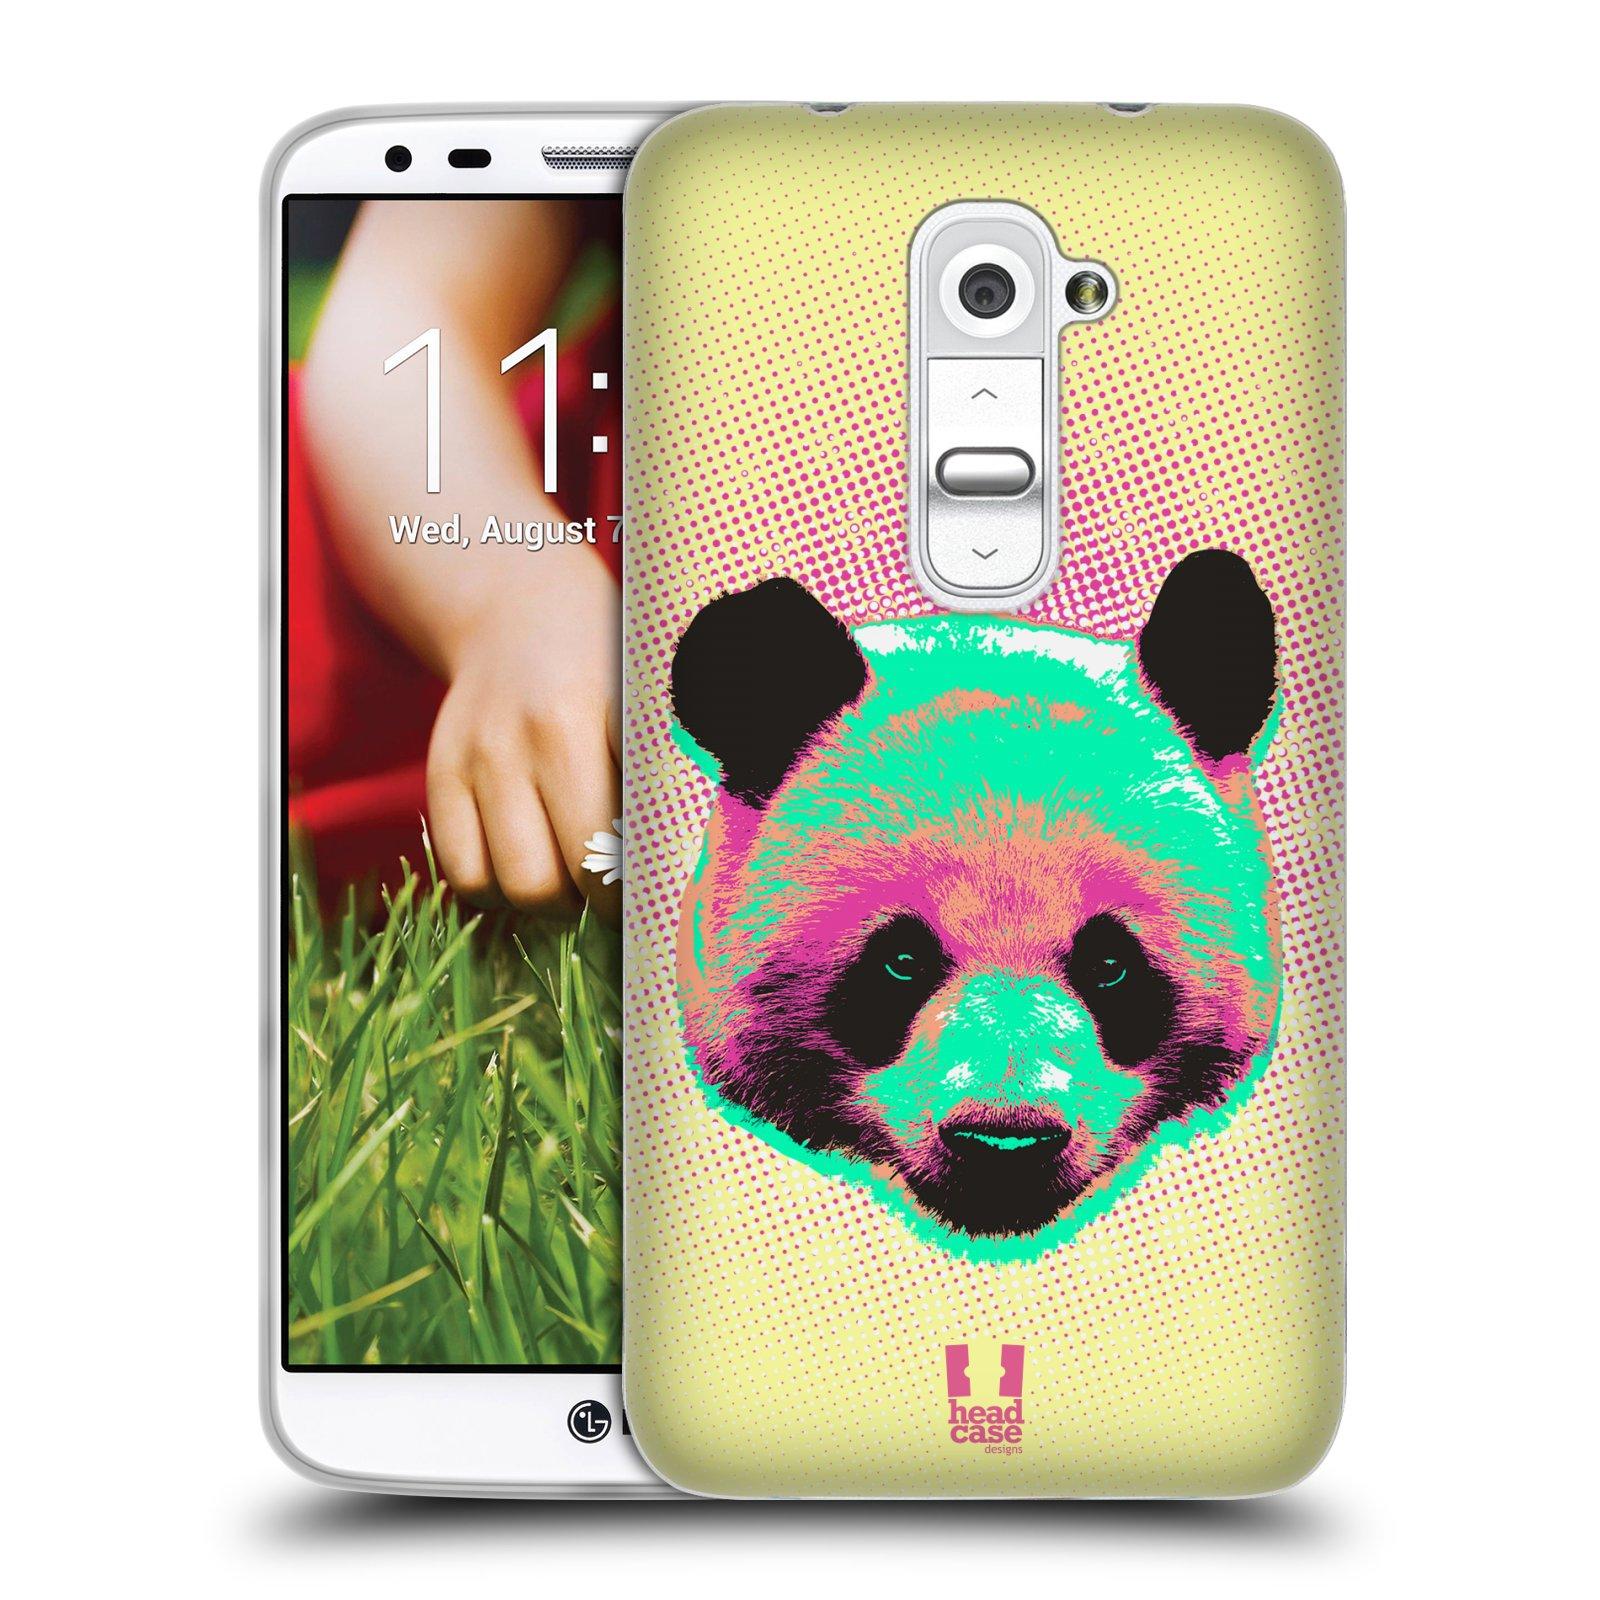 Silikonové pouzdro na mobil LG G2 HEAD CASE POP PRINT PANDA (Silikonový kryt či obal na mobilní telefon LG G2 D802)